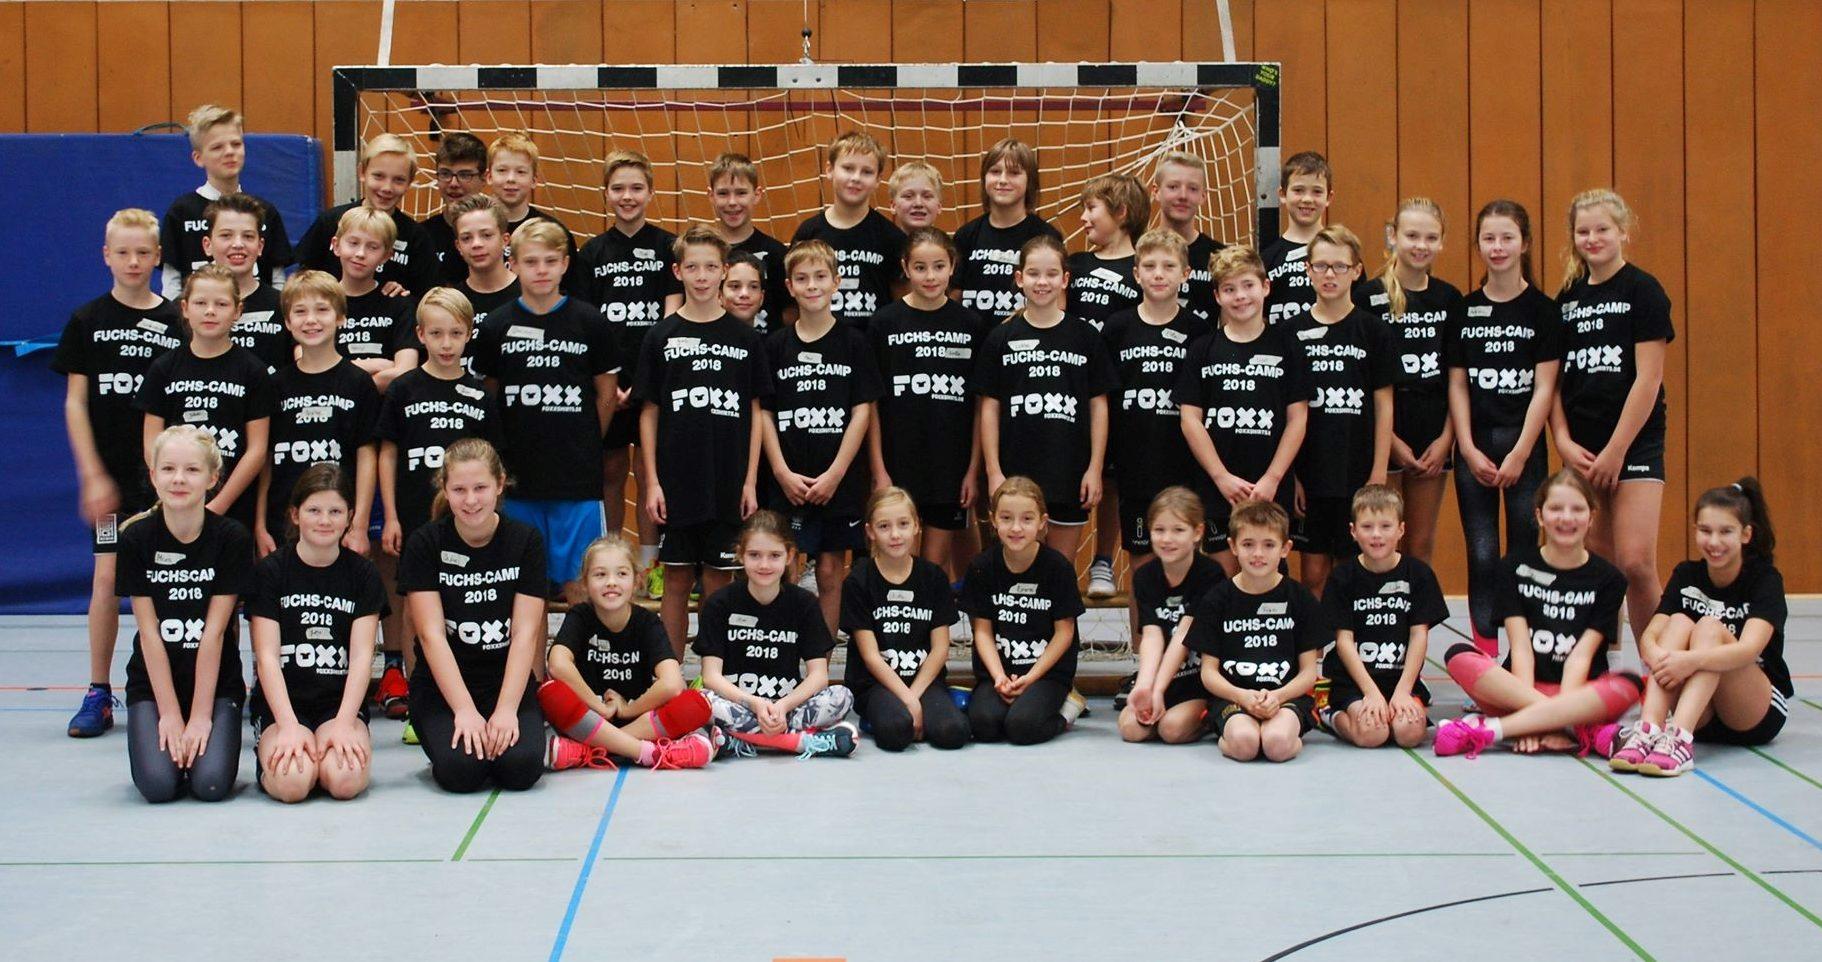 Ruhr Füchse blicken auf erfolgreiches Handballcamp zurück